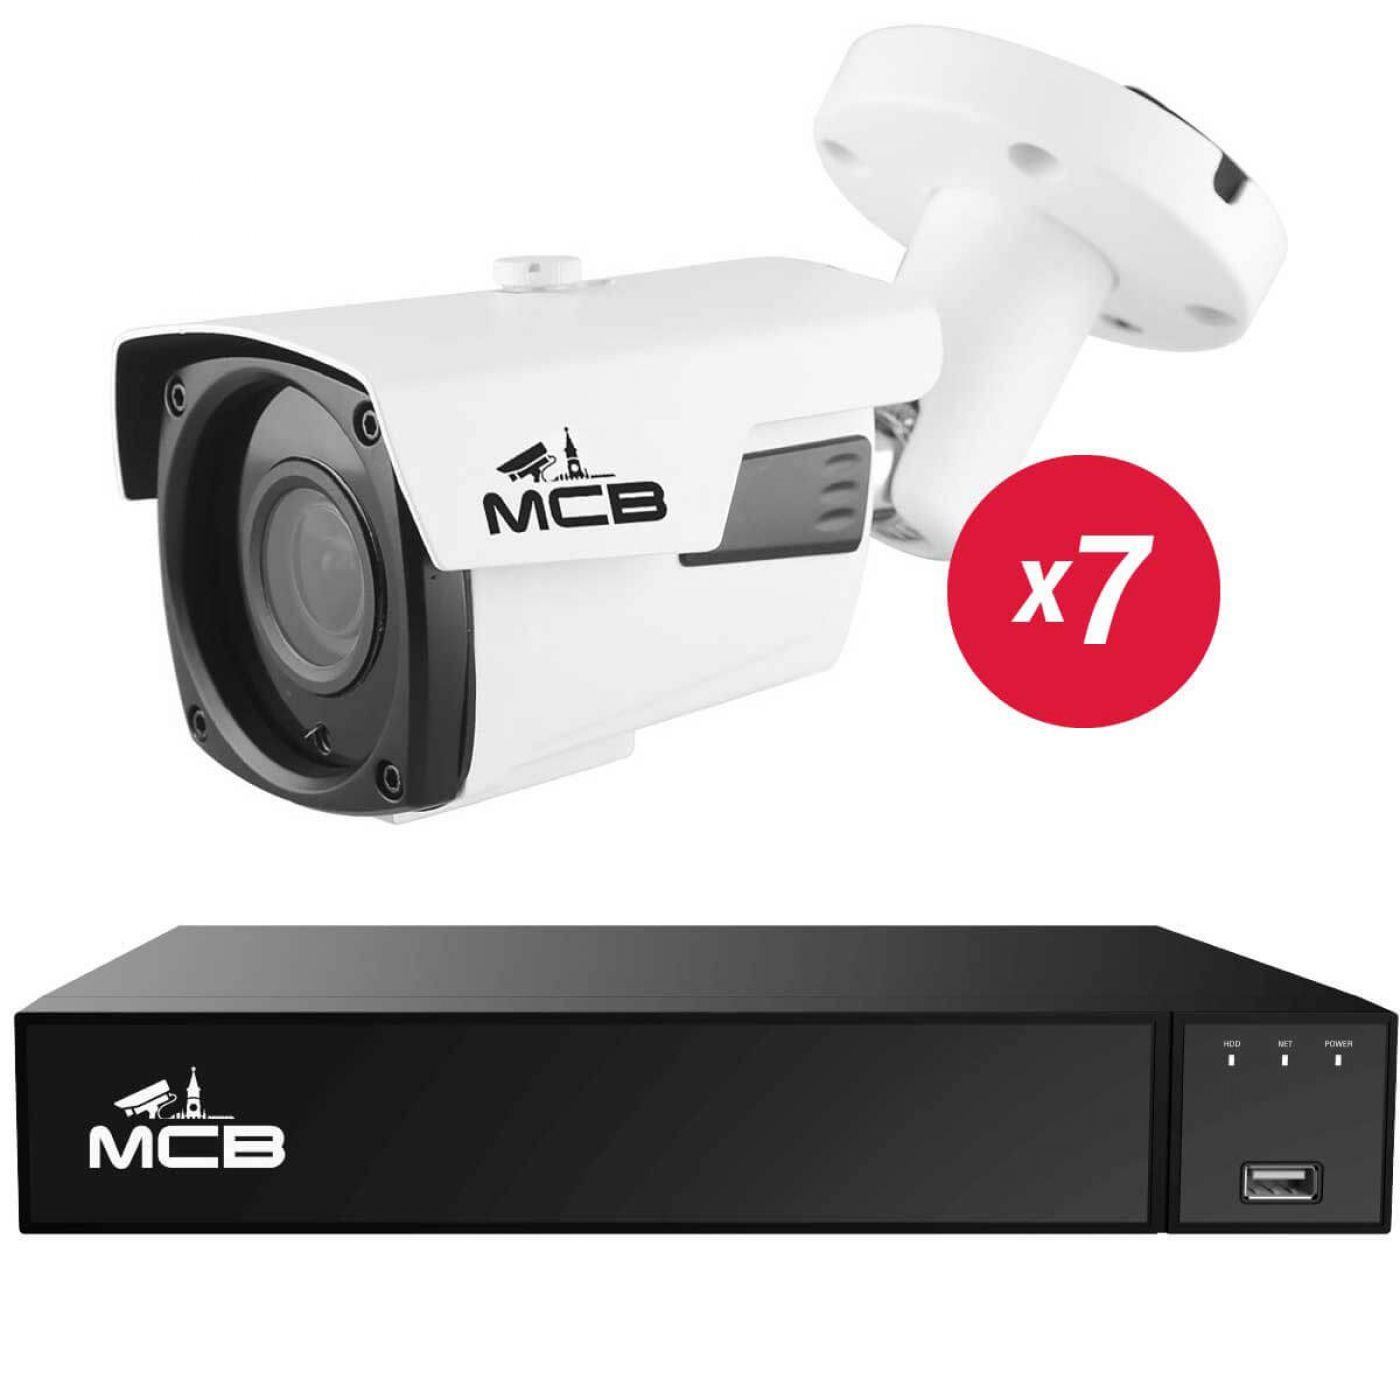 Комплект видеонаблюдения на 7 камер по 5 Мегапикселей Pro